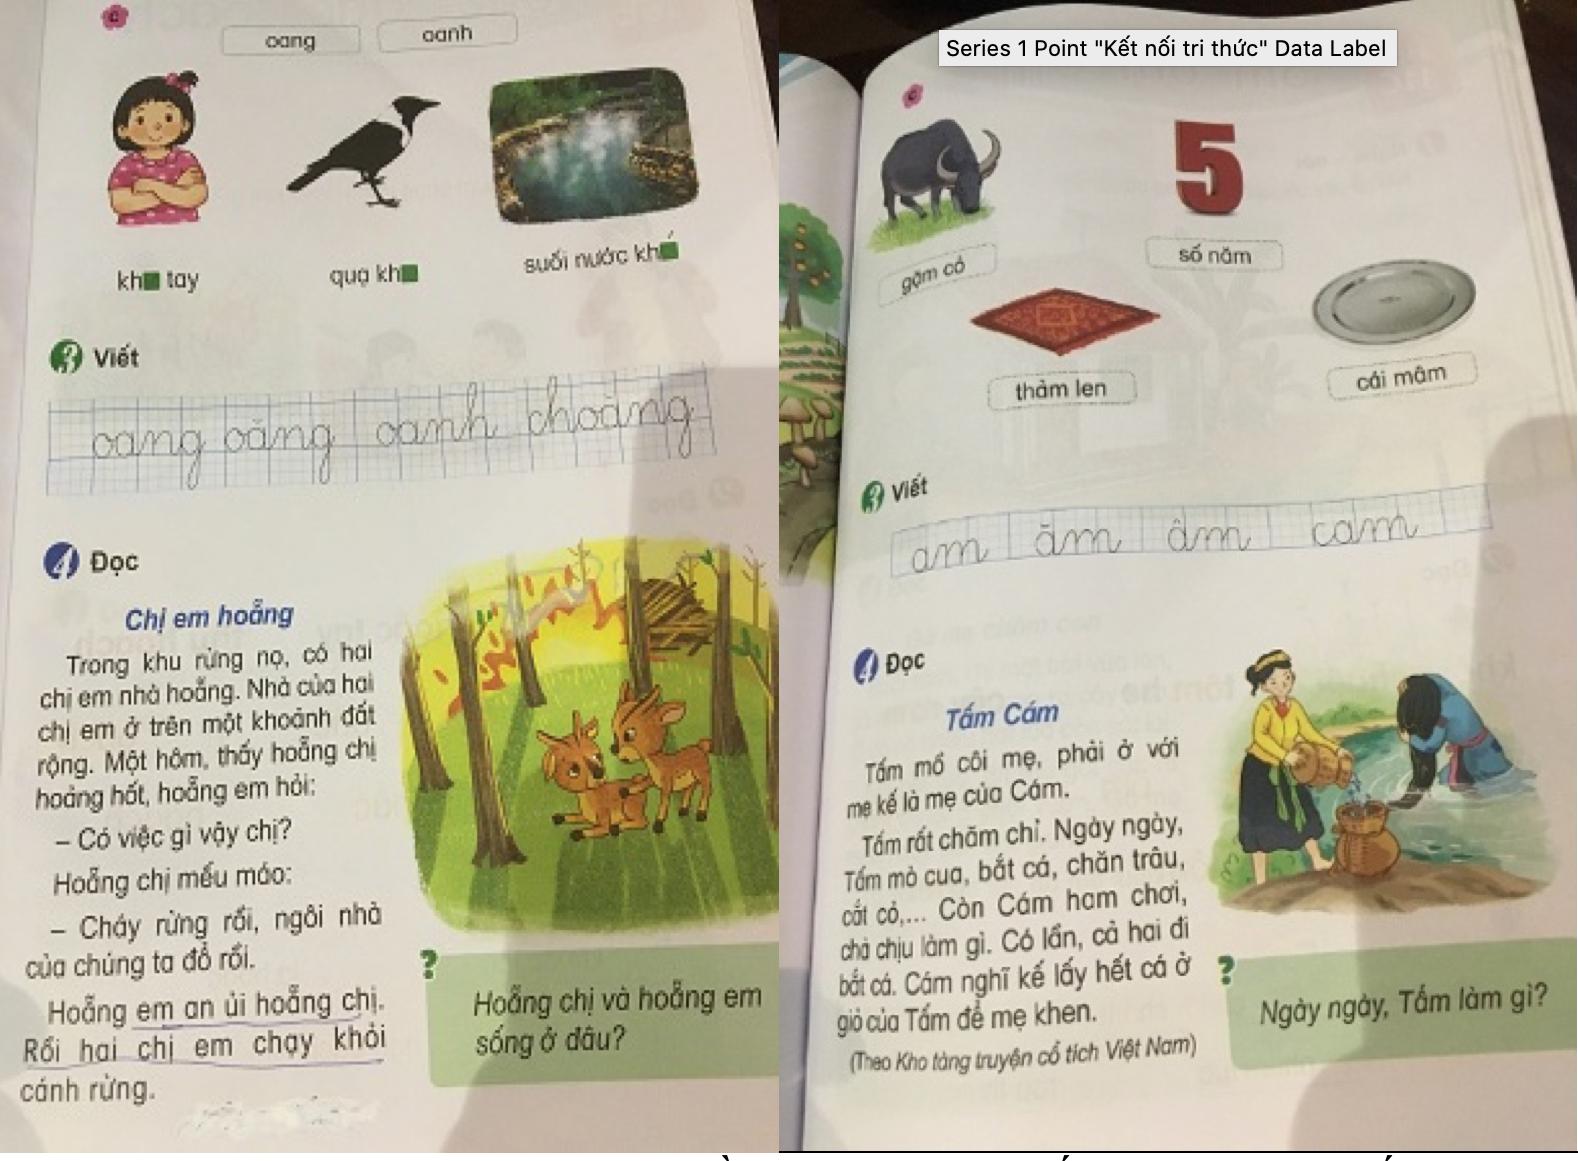 Phát hiện thêm một cuốn sách giáo khoa Tiếng Việt 1 chi chít 'sạn' - 2